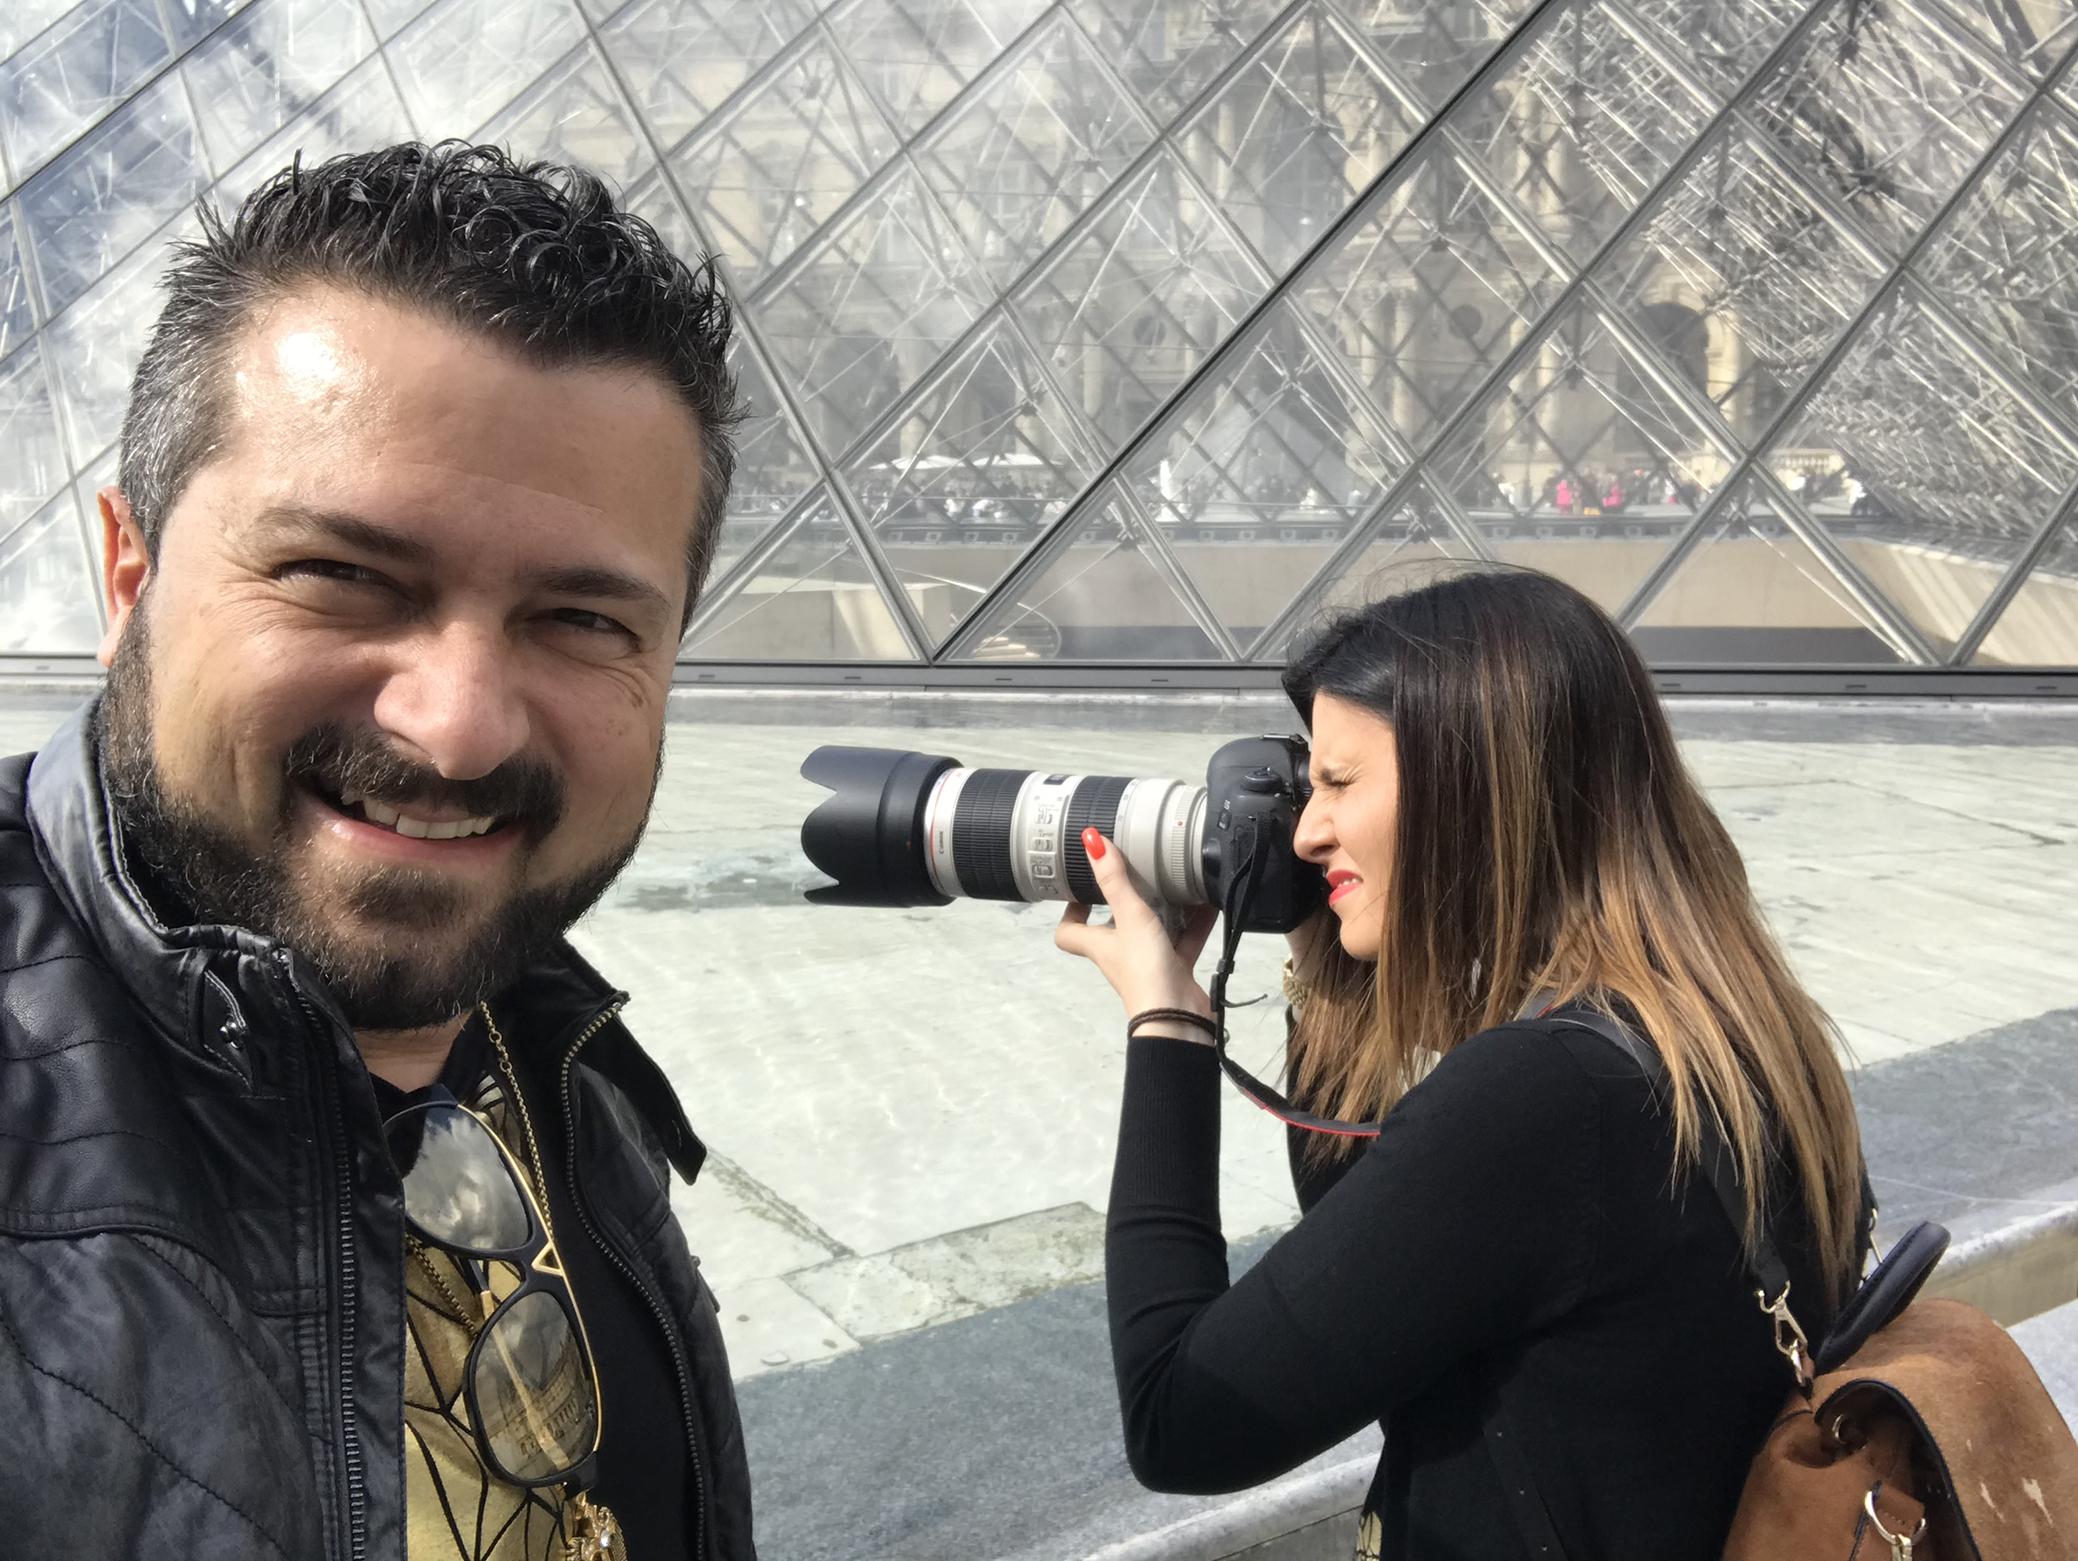 fotografo casamento, fotografo paris, fotografo frança, Paris, projecto ruidacruz, video casamento, fotografia de solteiros, fotografo português em Paris